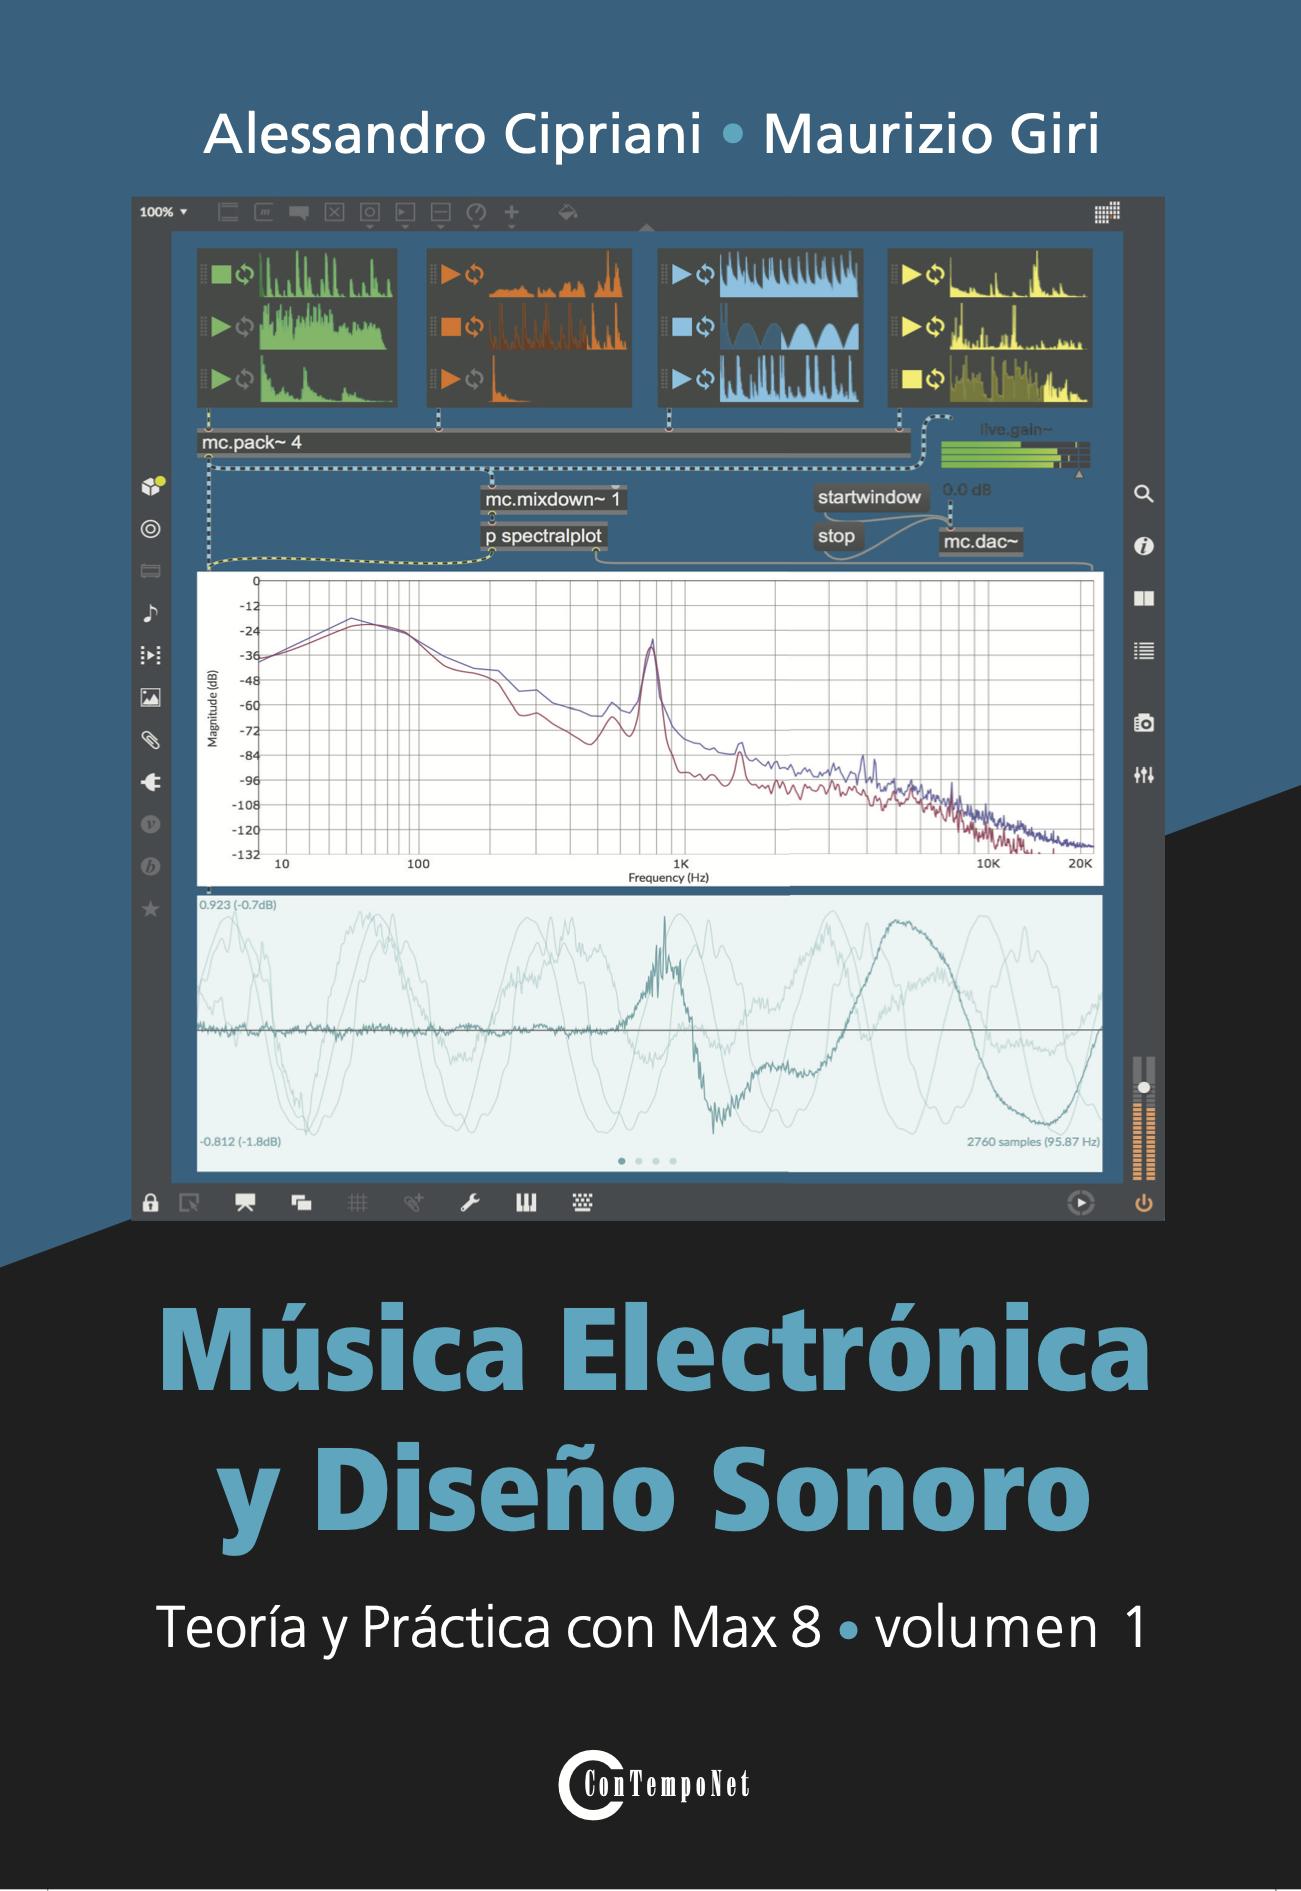 Música Electrónica y Diseño Sonoro - Teoría y Práctica con Max 8